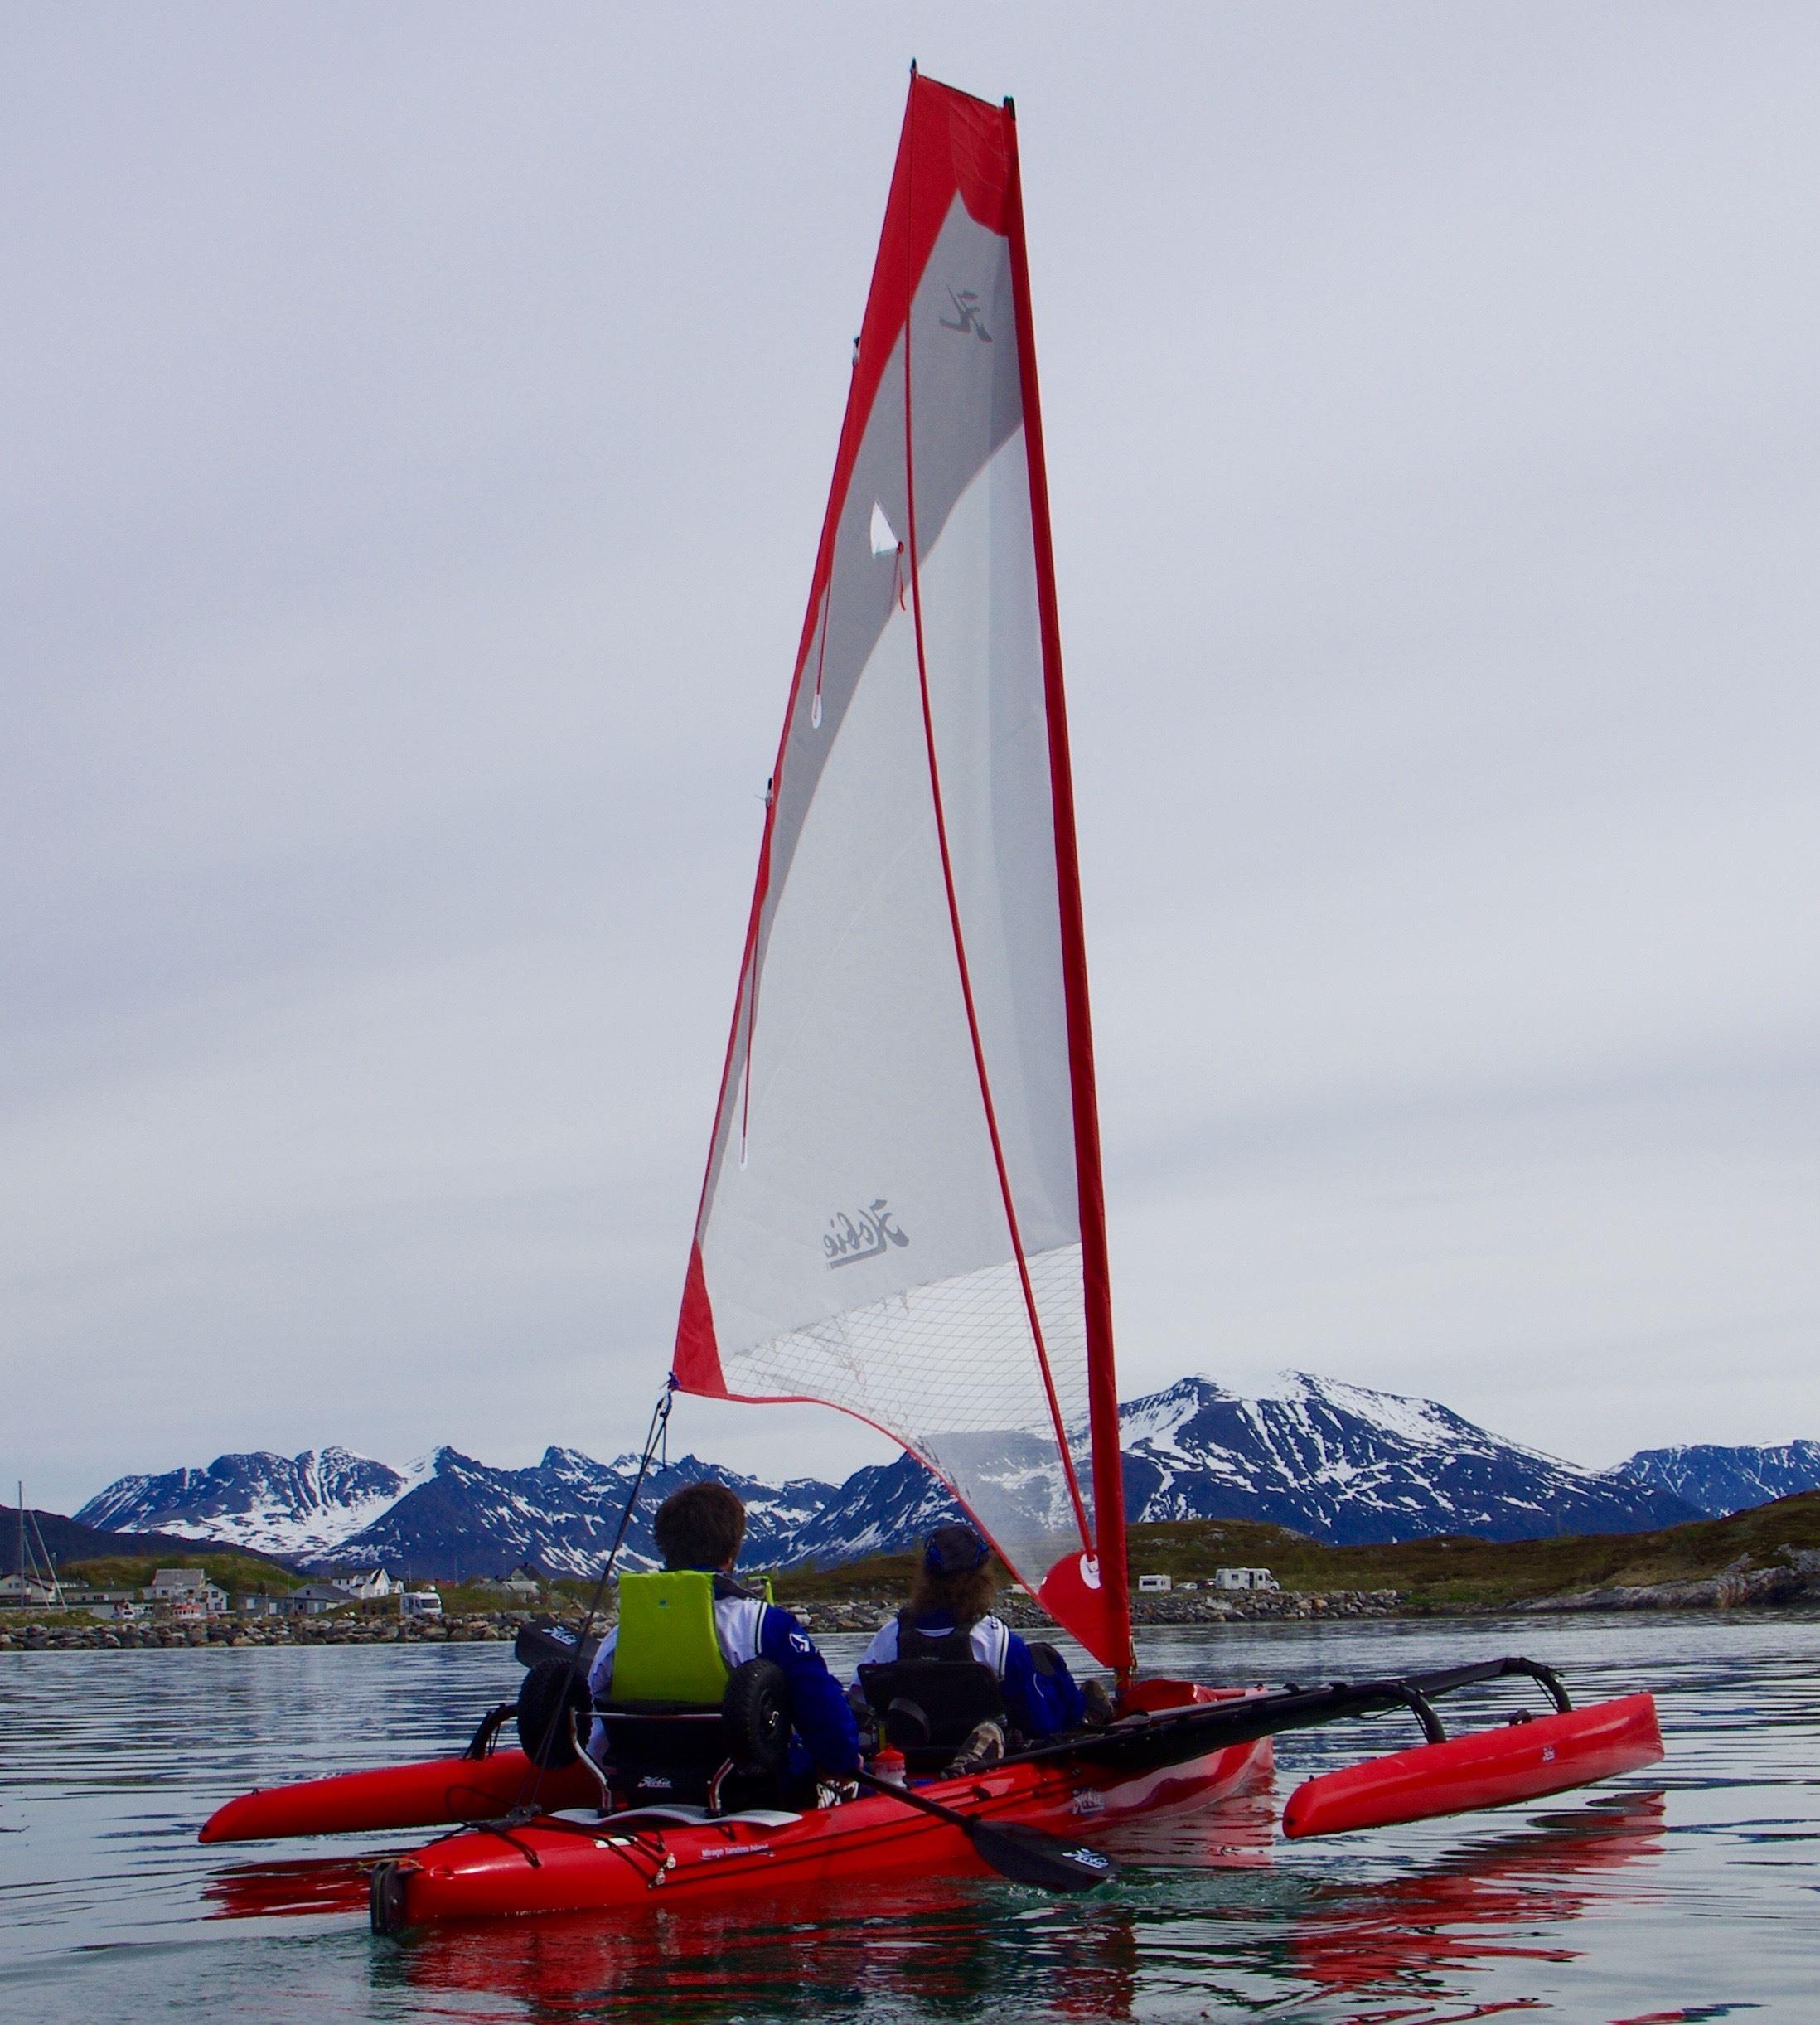 """69Nord,  © 69Nord, Dagstur hvalsafari med """"sit on top"""" Hobie kayak på Kvaløya  - 69Nord Sommarøy Outdoor Center"""